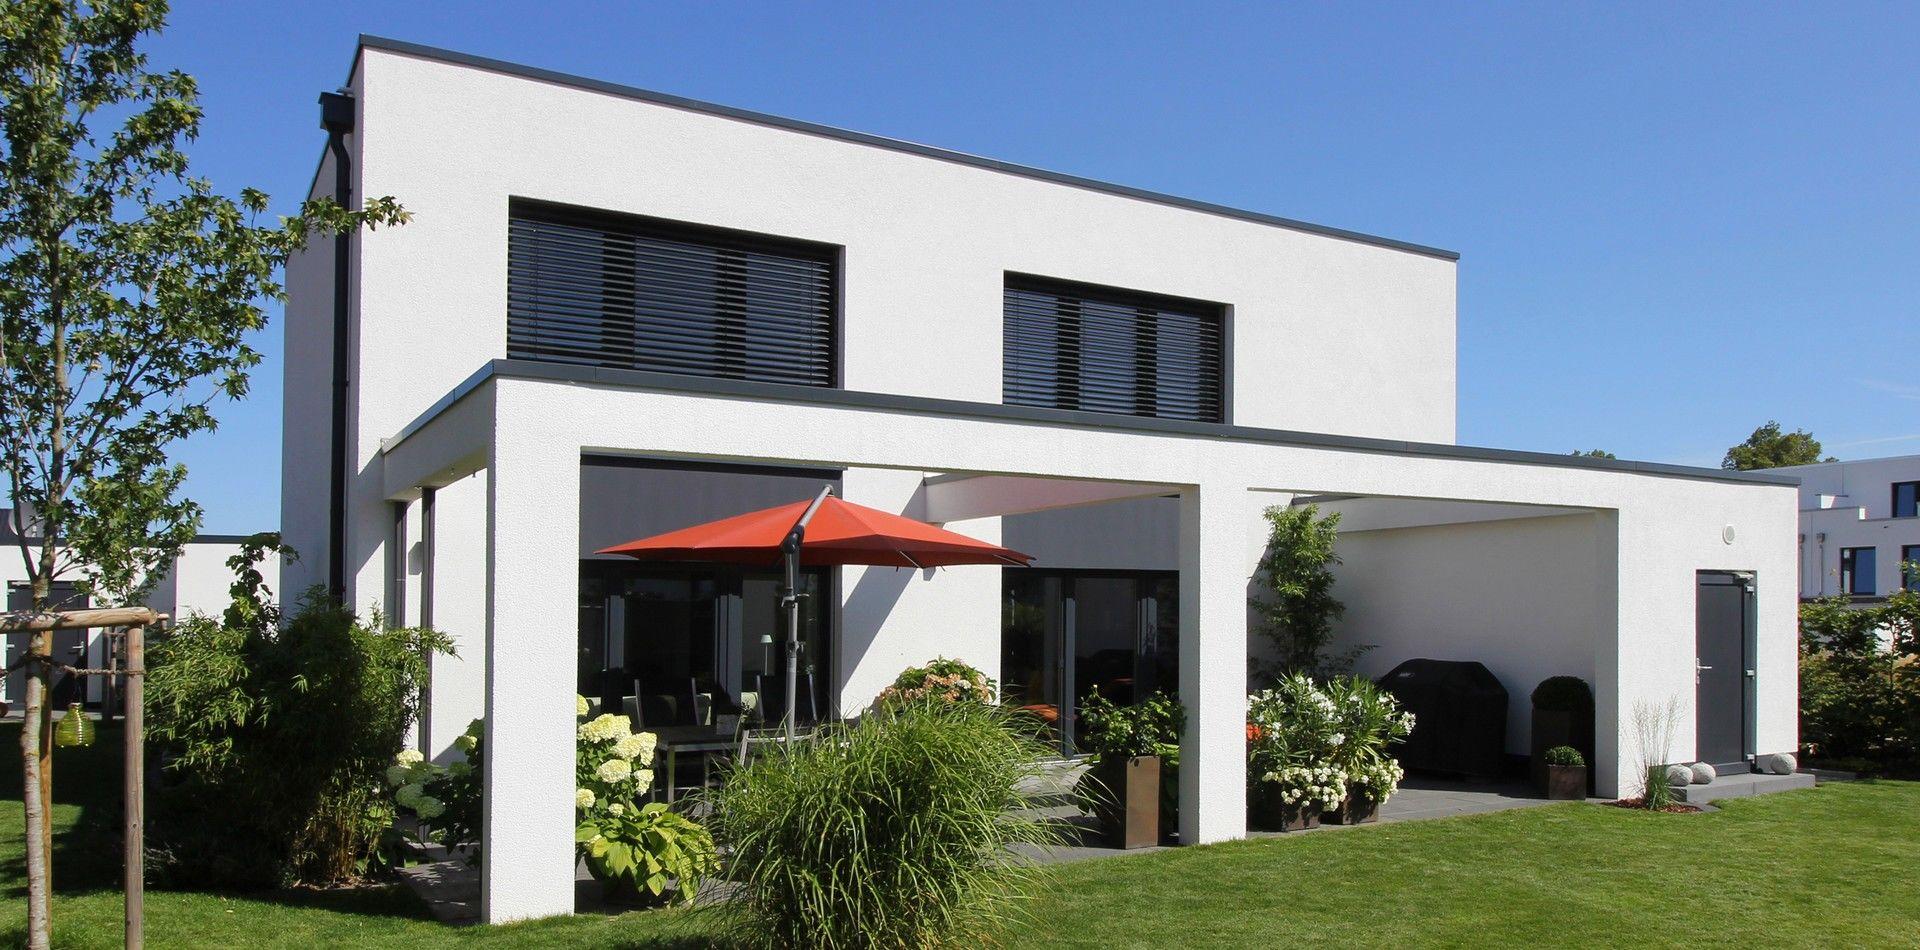 Homepage-Slider-Fischer-Bau-Massivhaus-Architektenhaus-1-HQ